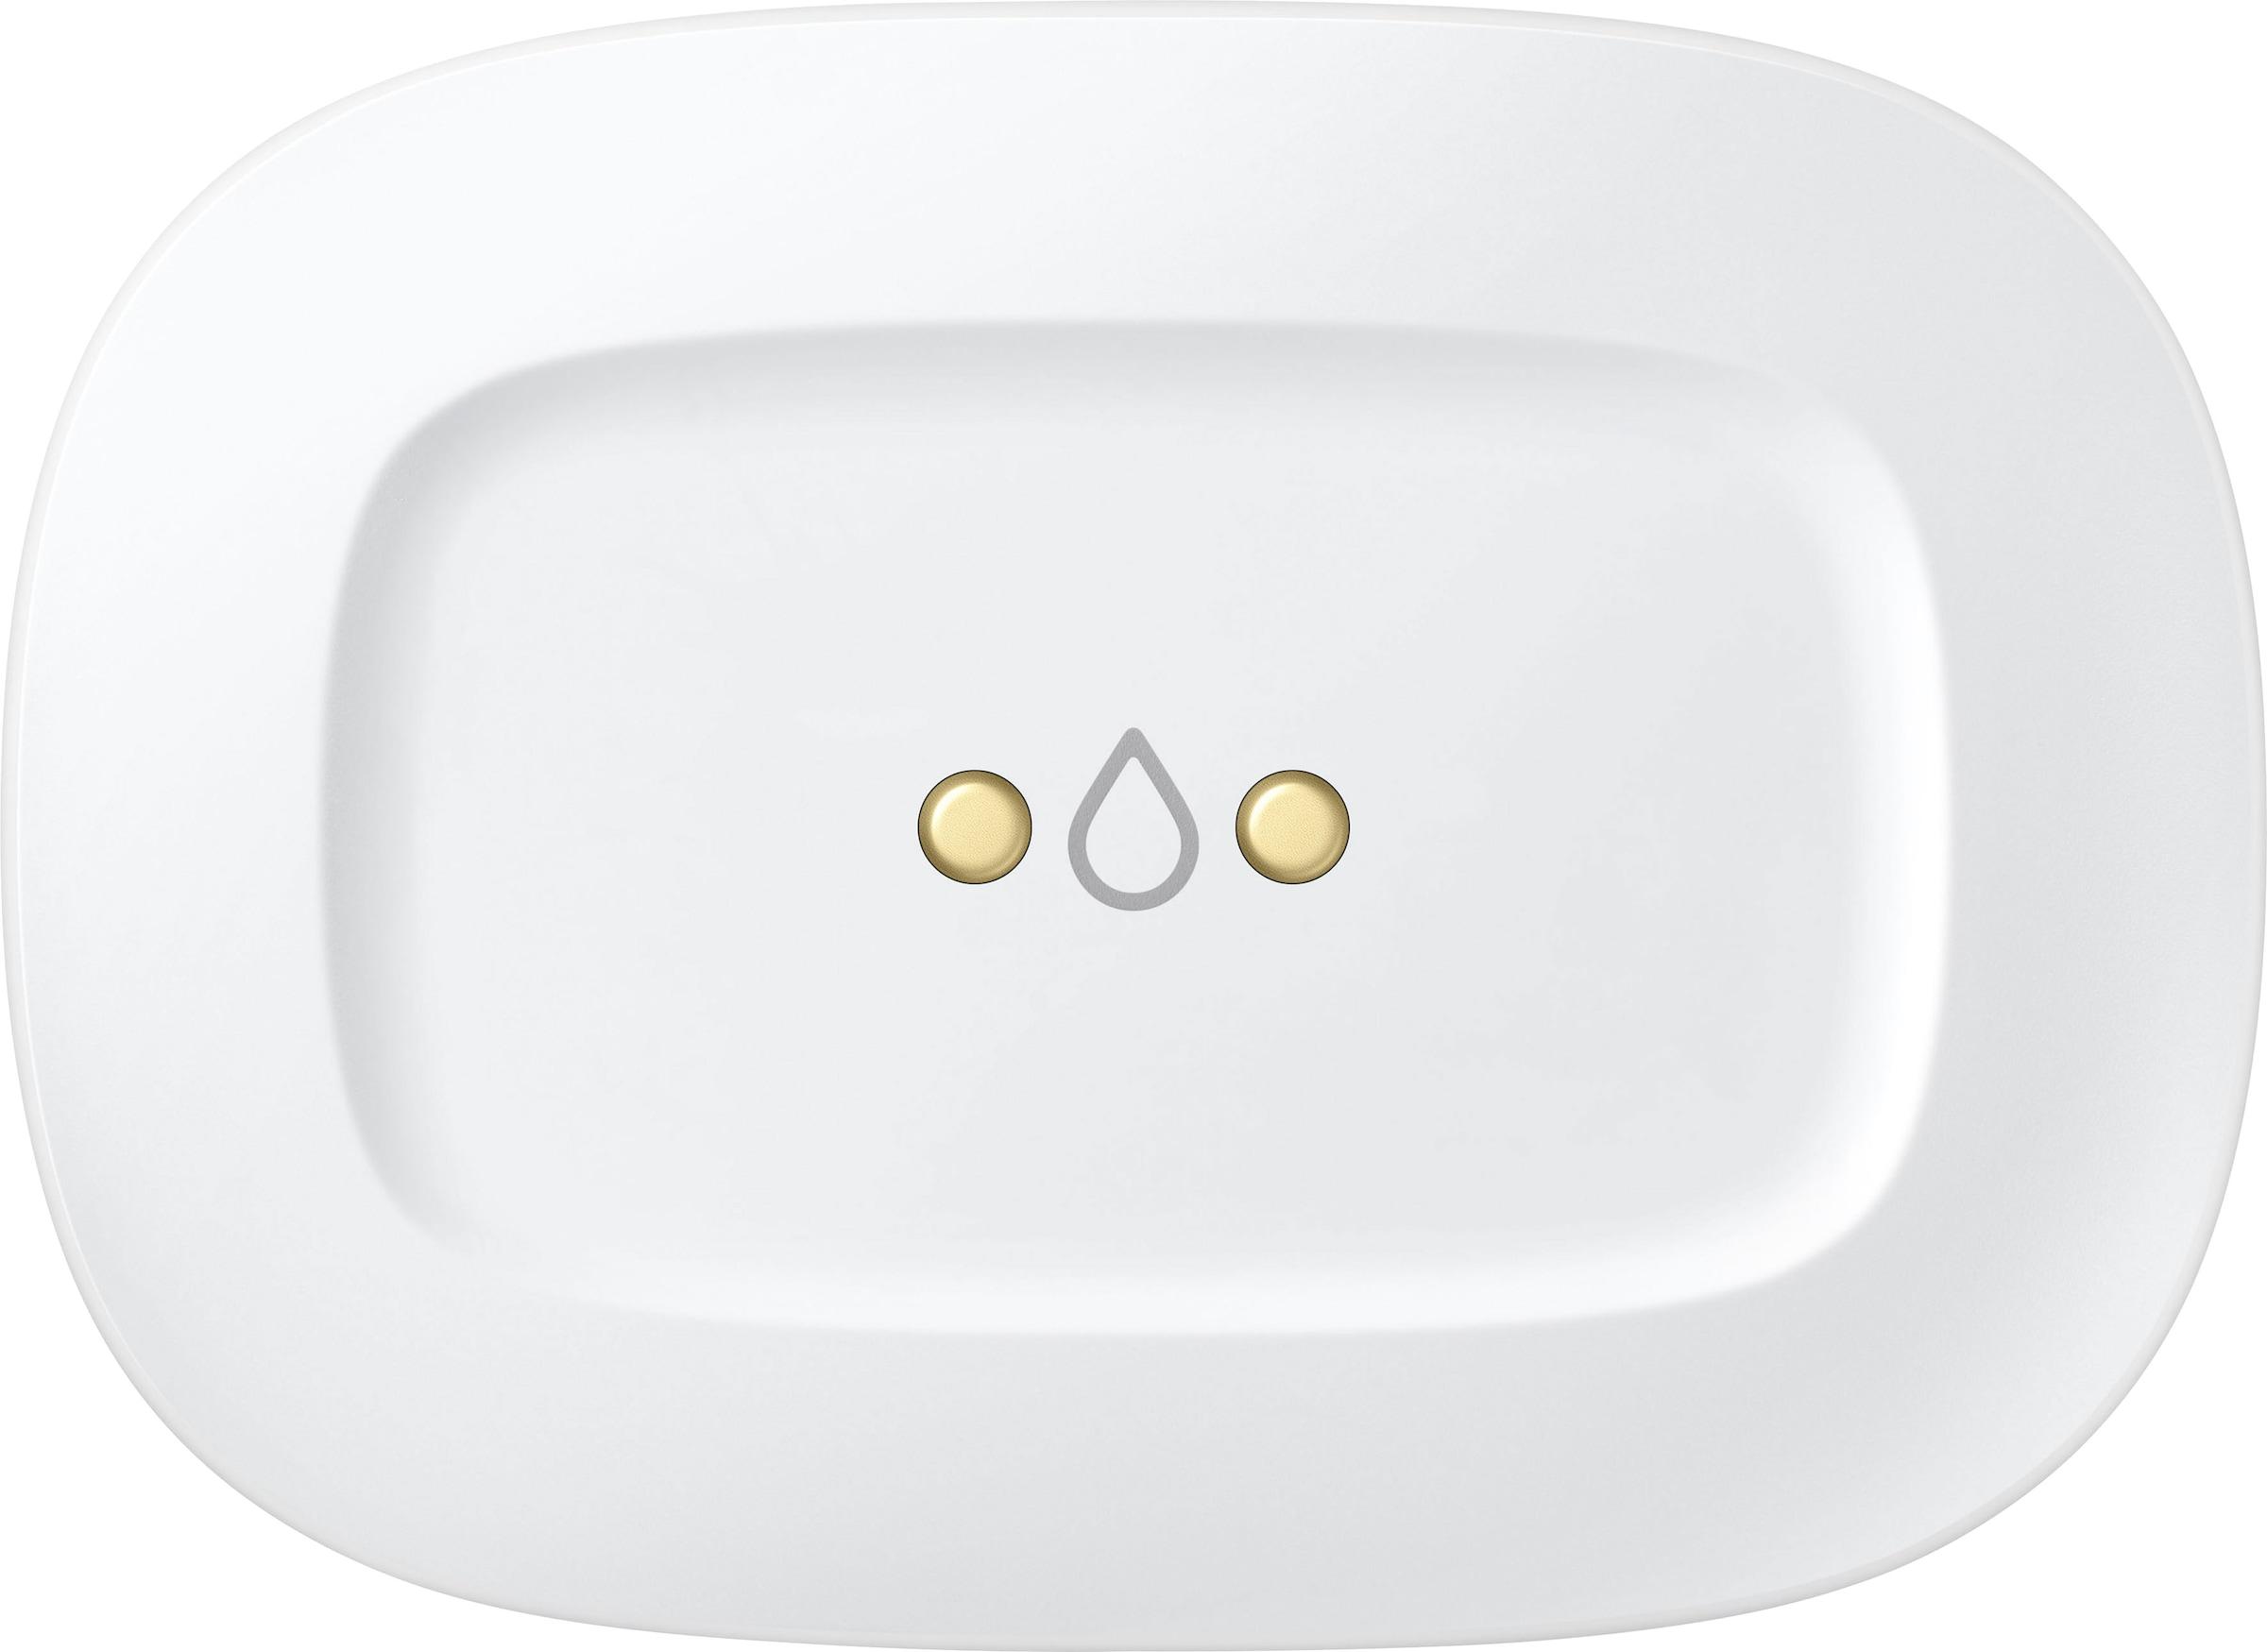 Image of Aeotec Sensor »Waterleak Sensor Works with SmartThings«